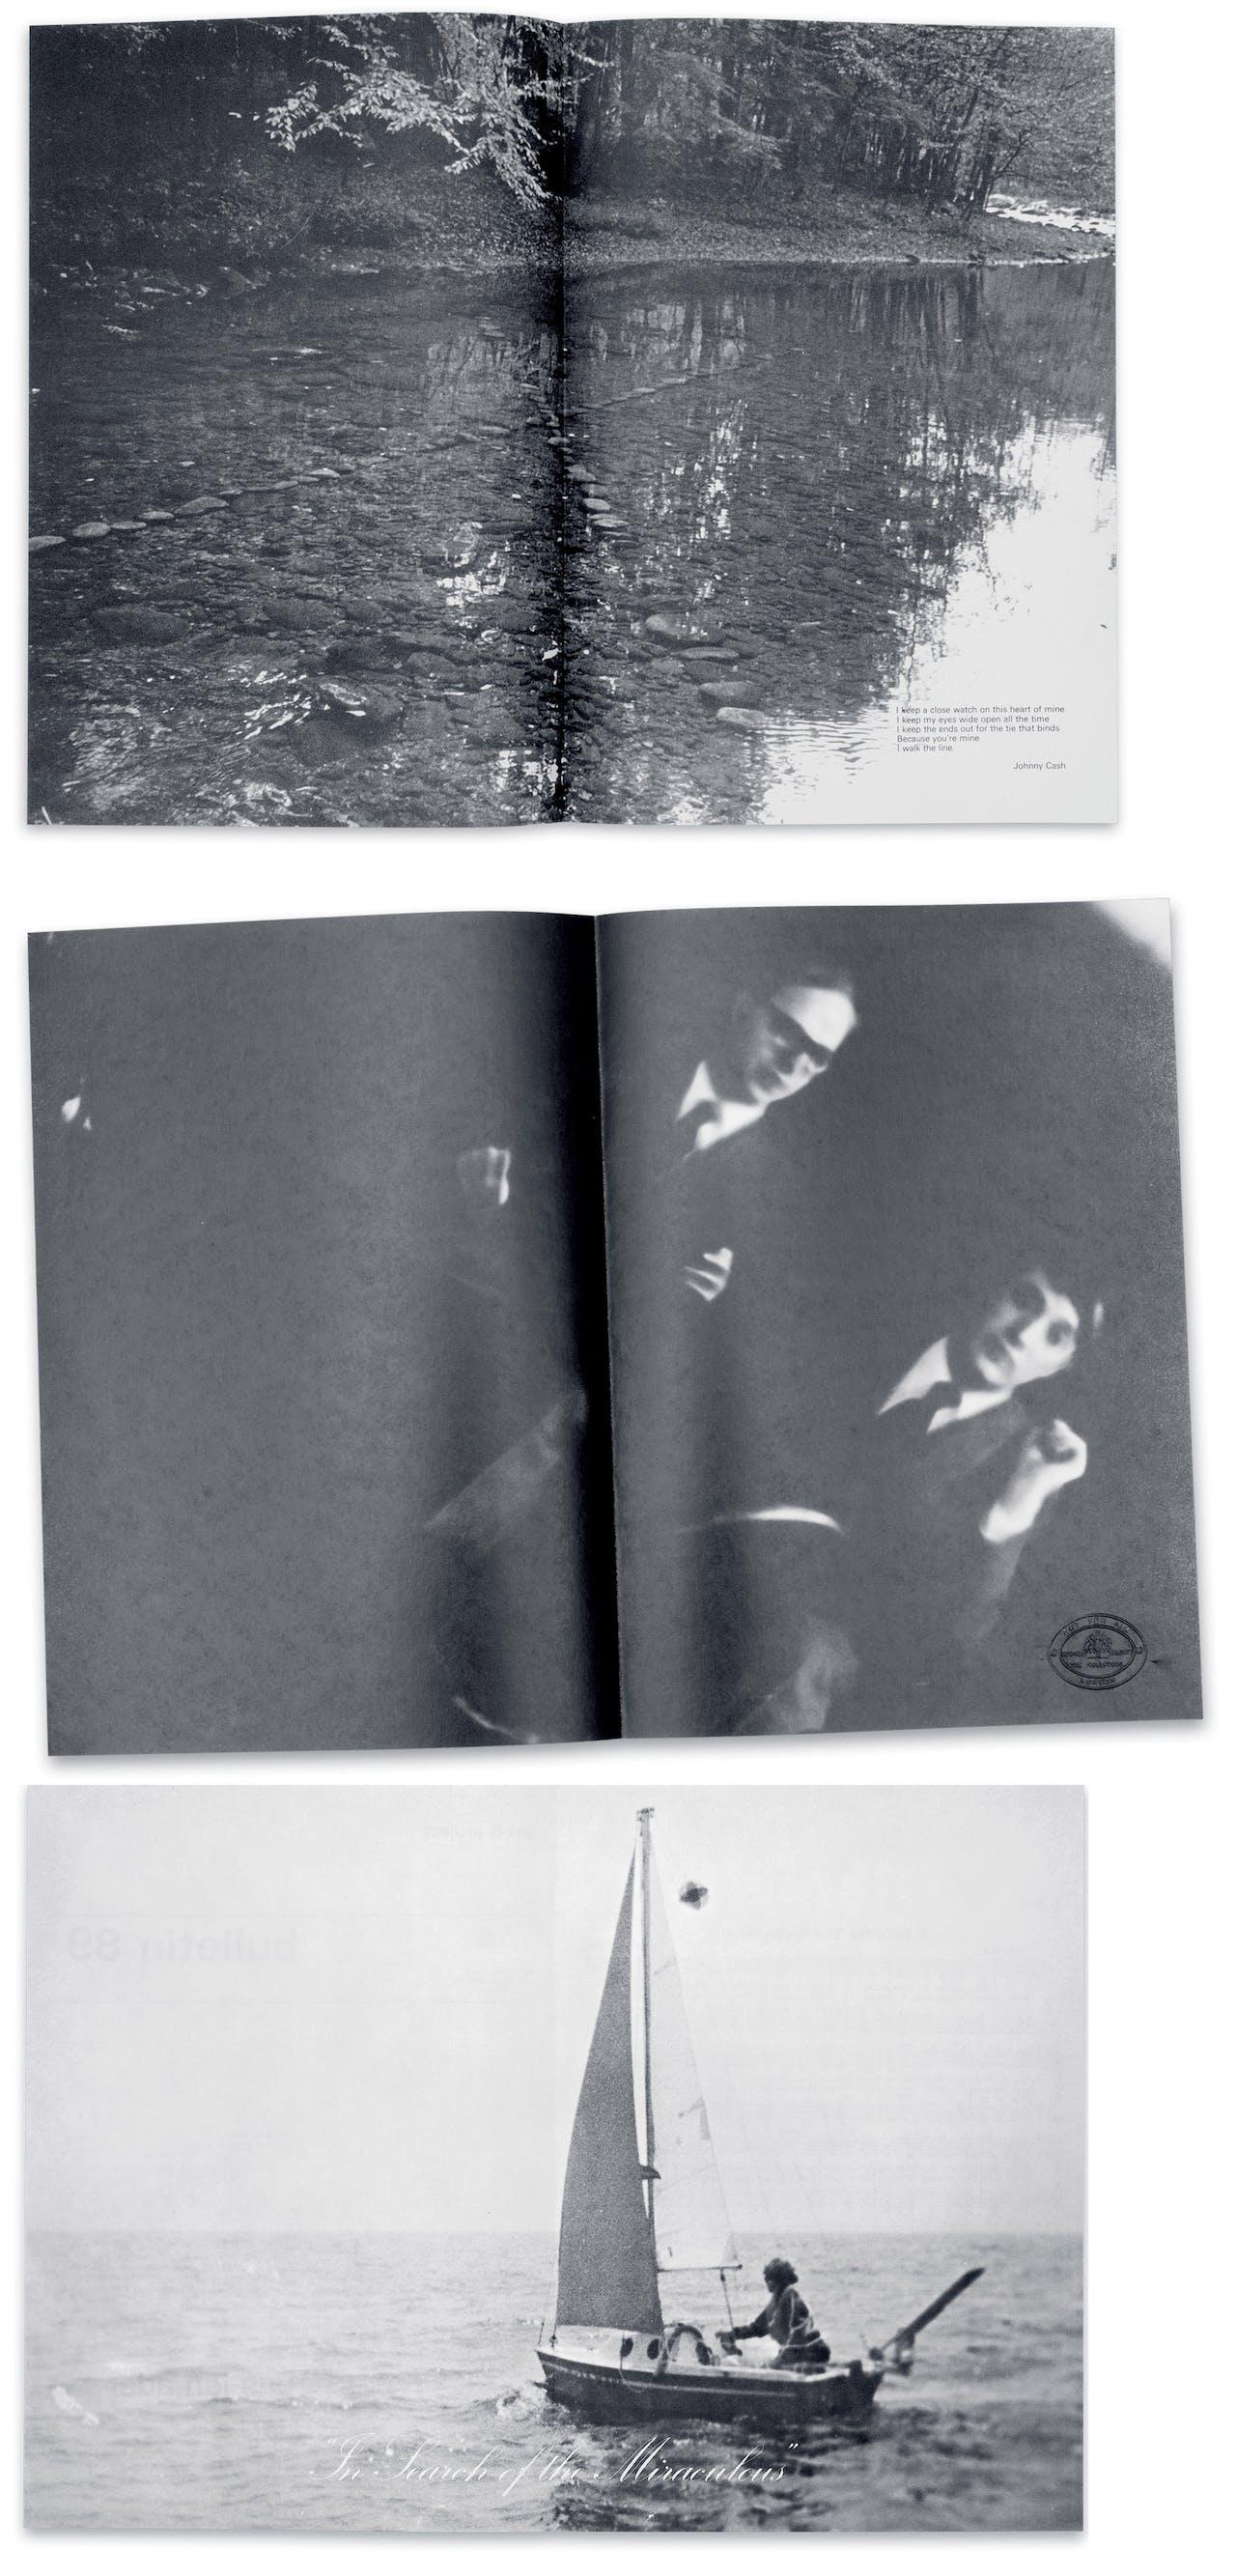 Boven: Bulletin 35 van Richard Long. In de foto staat een couplet uit de song 'I walk the line' van Johnny Cash; Midden: Gilbert & George maakten een aantal bulletins, onder meer in 1974; Onder: Bas Jan Ader zette op zijn editie uit 1975 een foto van zichzelf in een zeilboot met daarbij de tekst 'In search of the miraculous'.